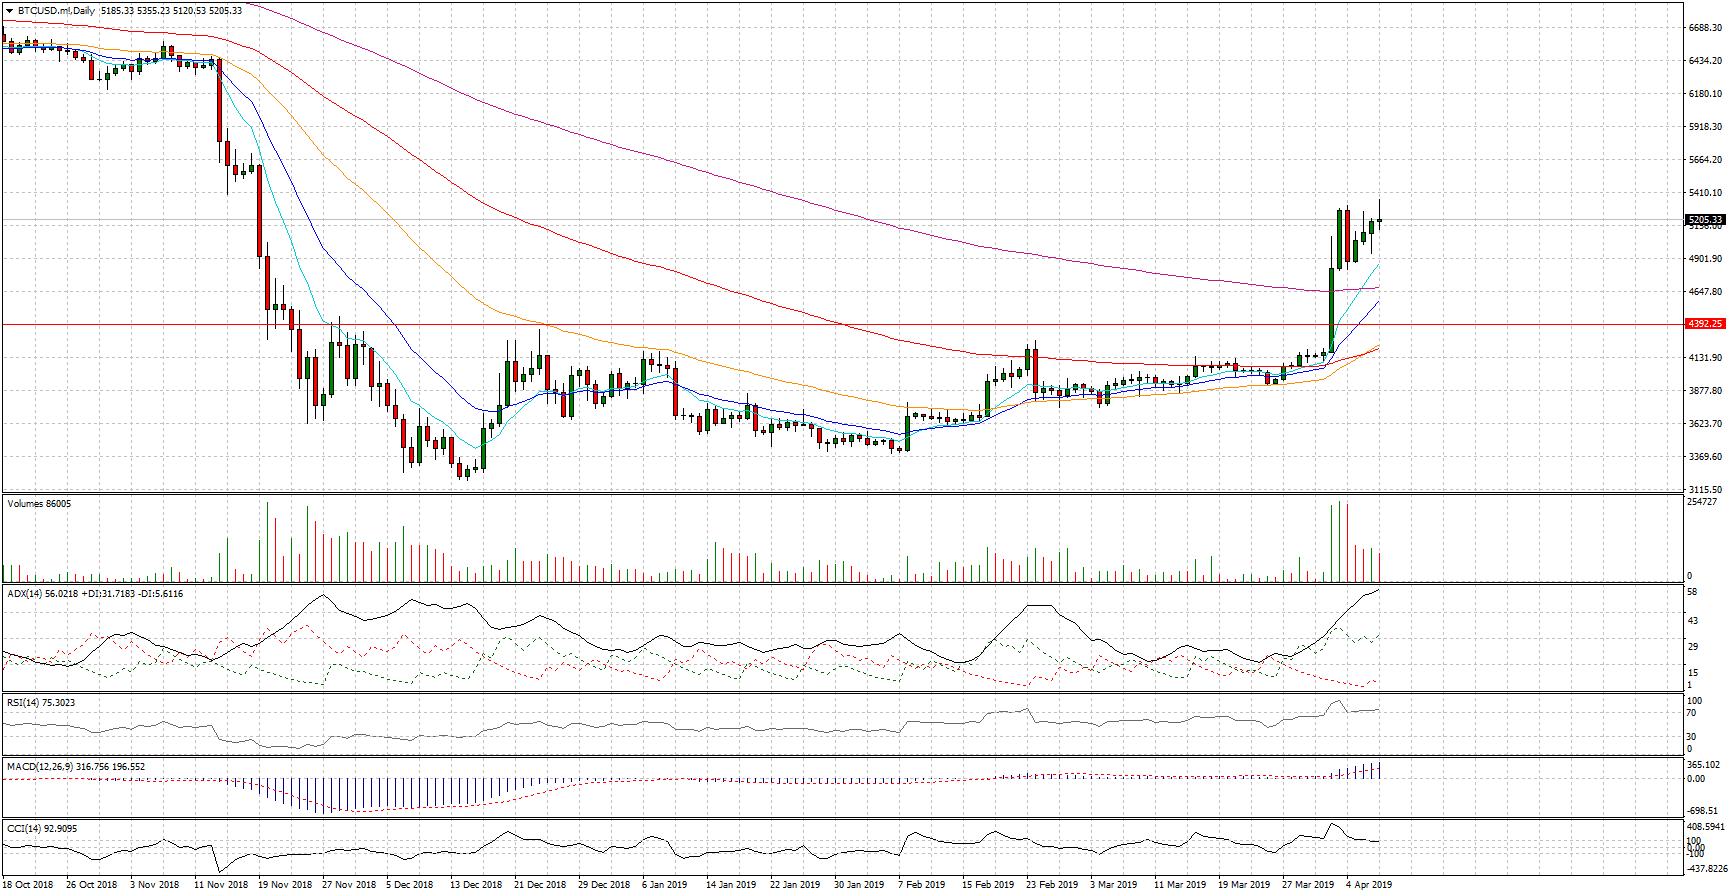 Bitcoin - Dollaro USA (BTC/USD) Convertitore del tasso di cambio delle valute | CoinYEP